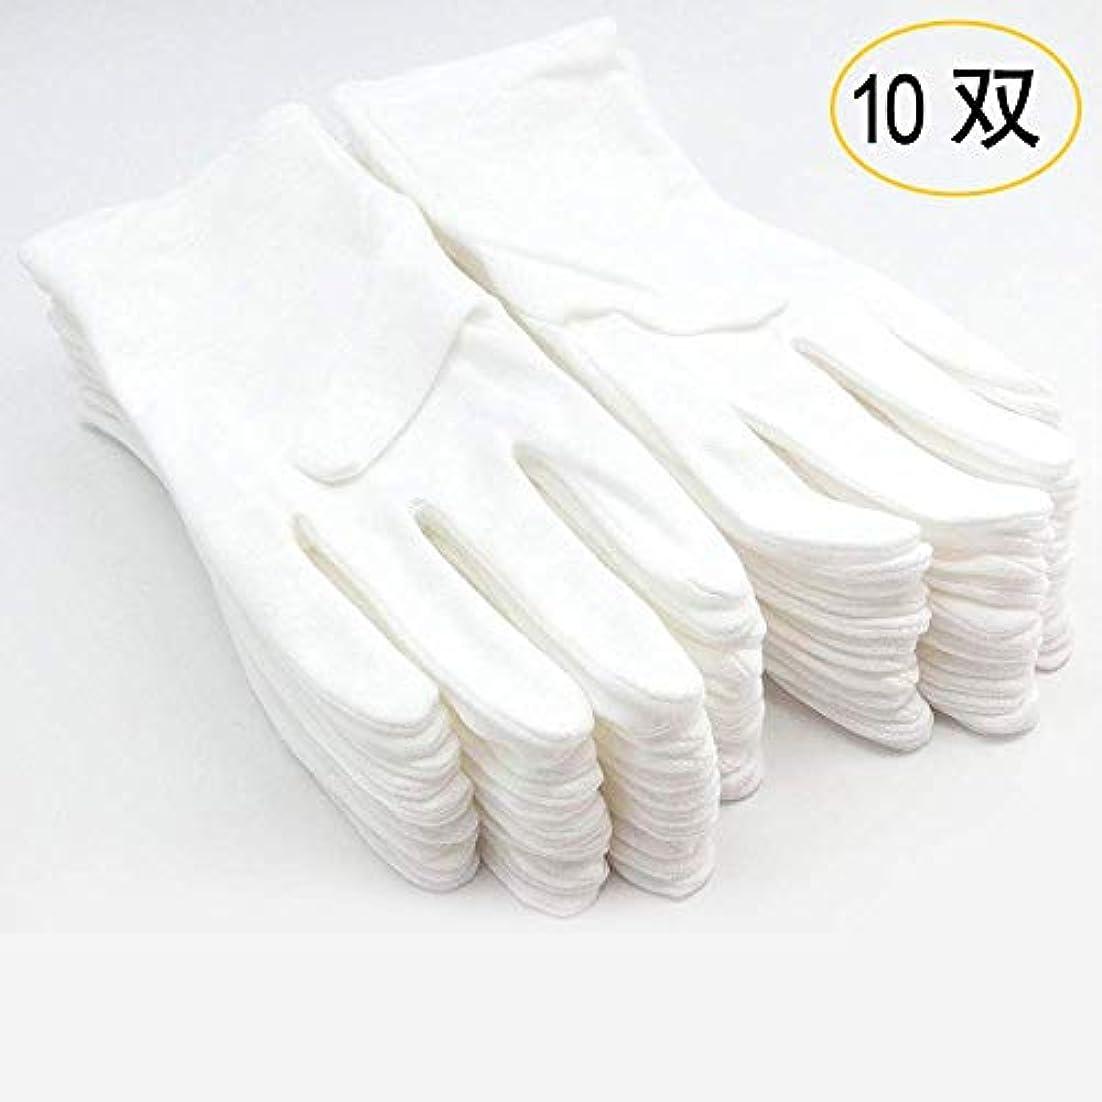 予見する事ハウジング綿手袋 純綿100% 通気性 コットン手袋 10双組